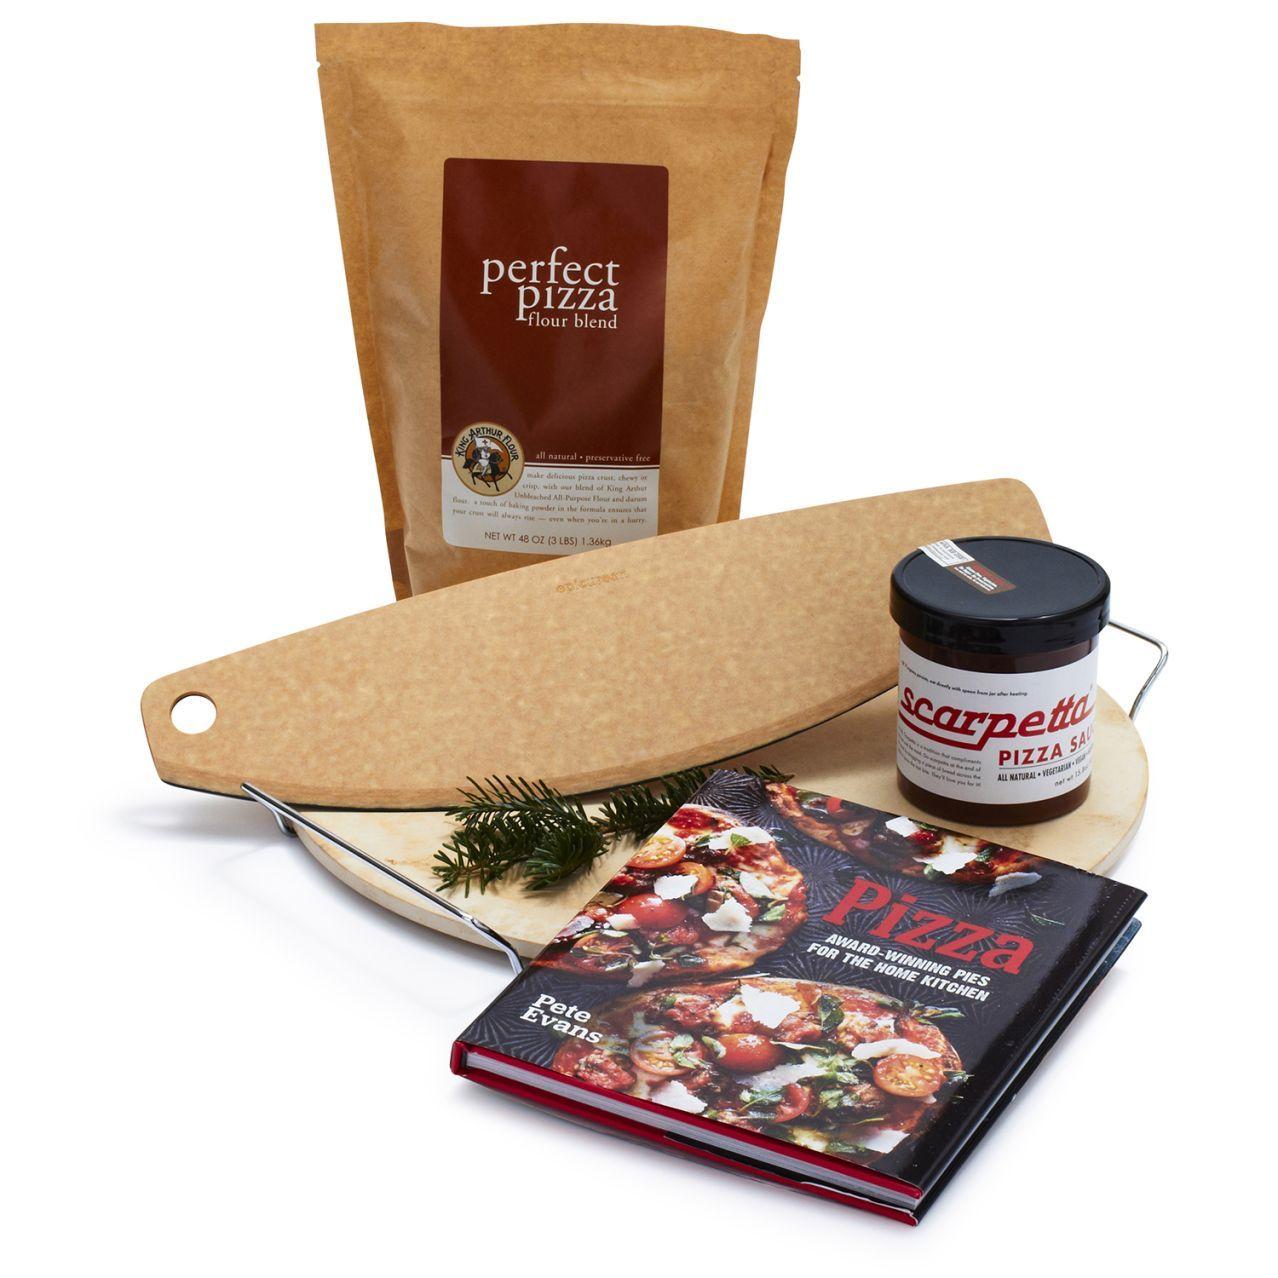 Marvelous Pizza Gift Set | Sur La Table